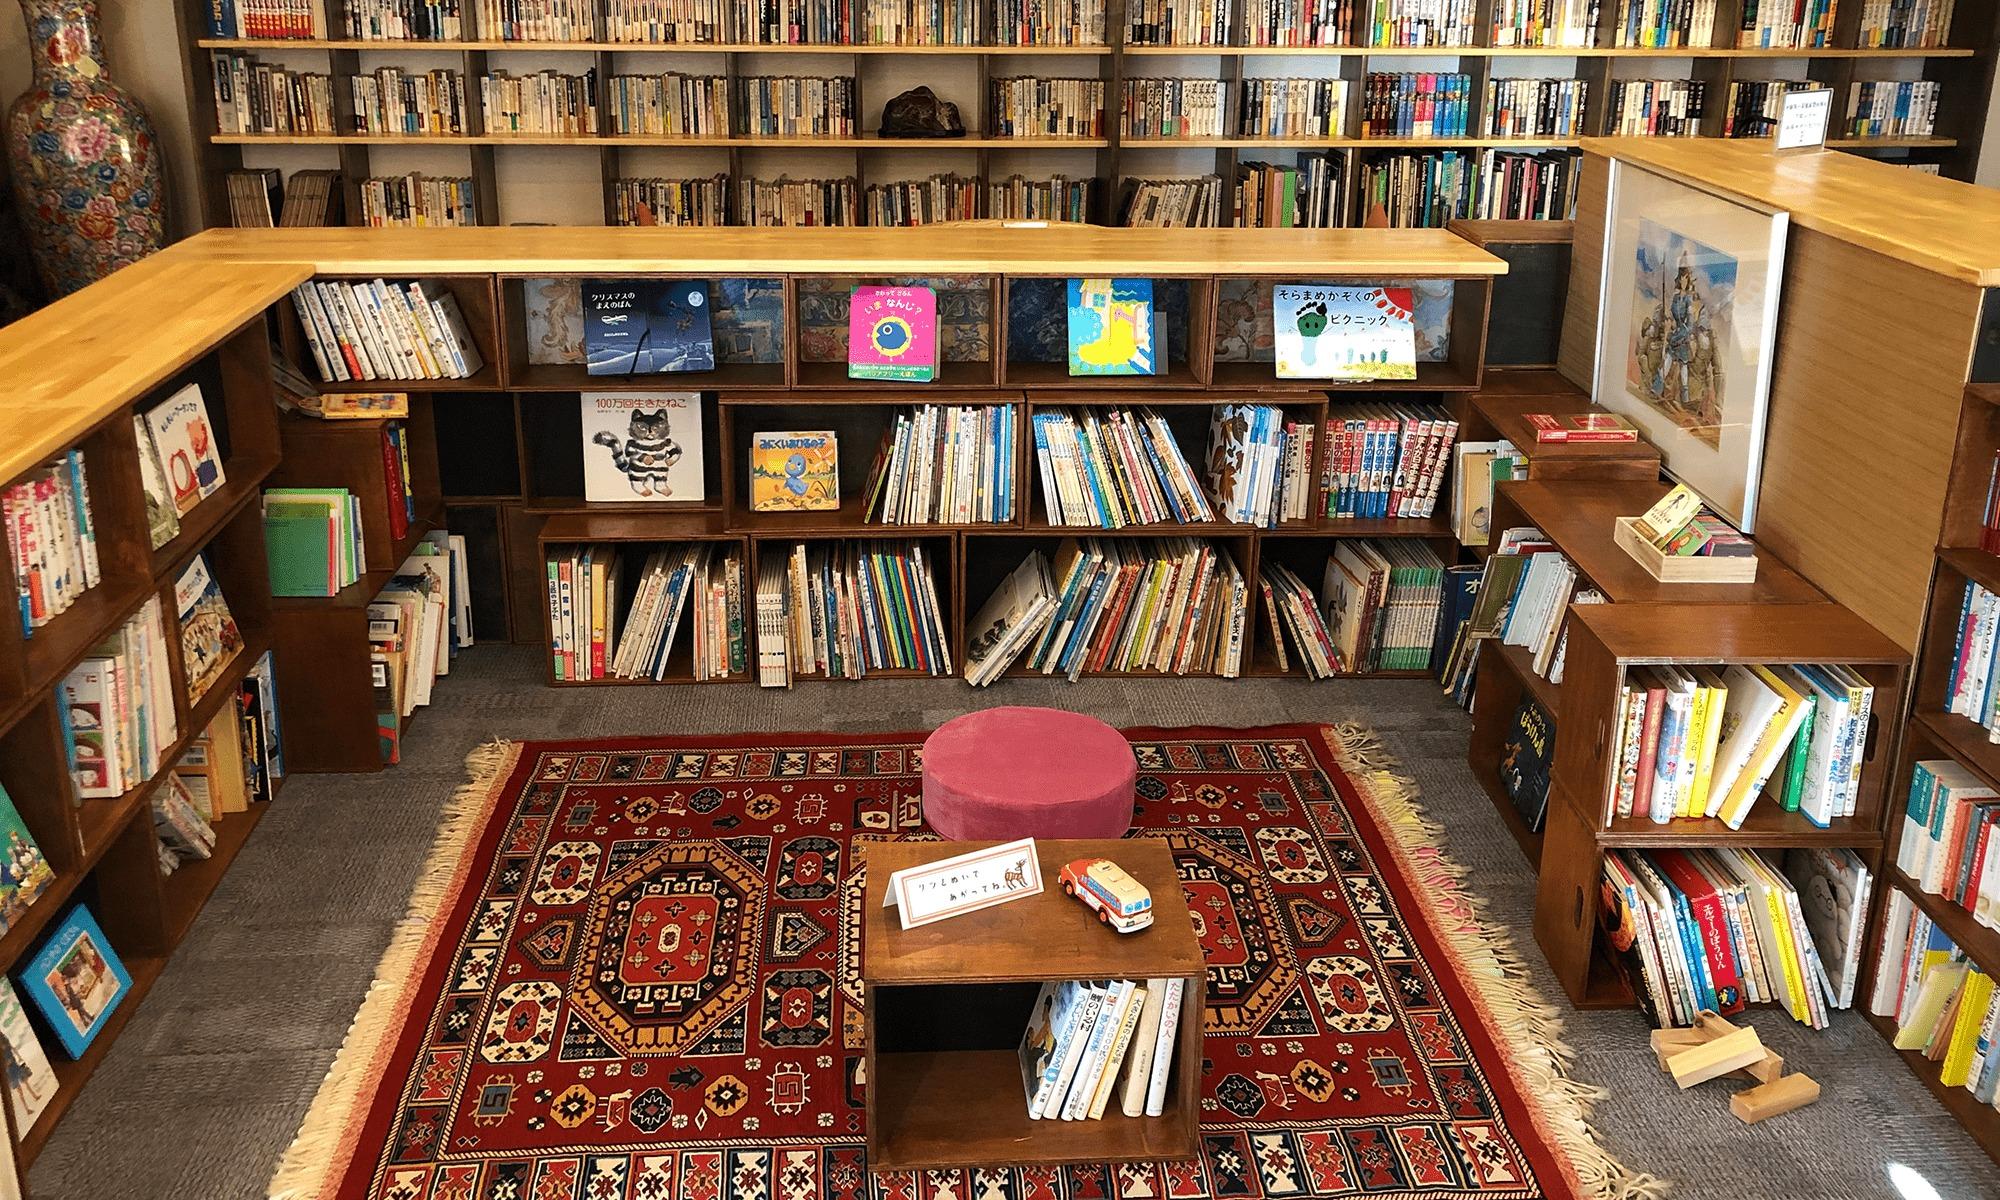 1万冊の本「旅行人山荘」